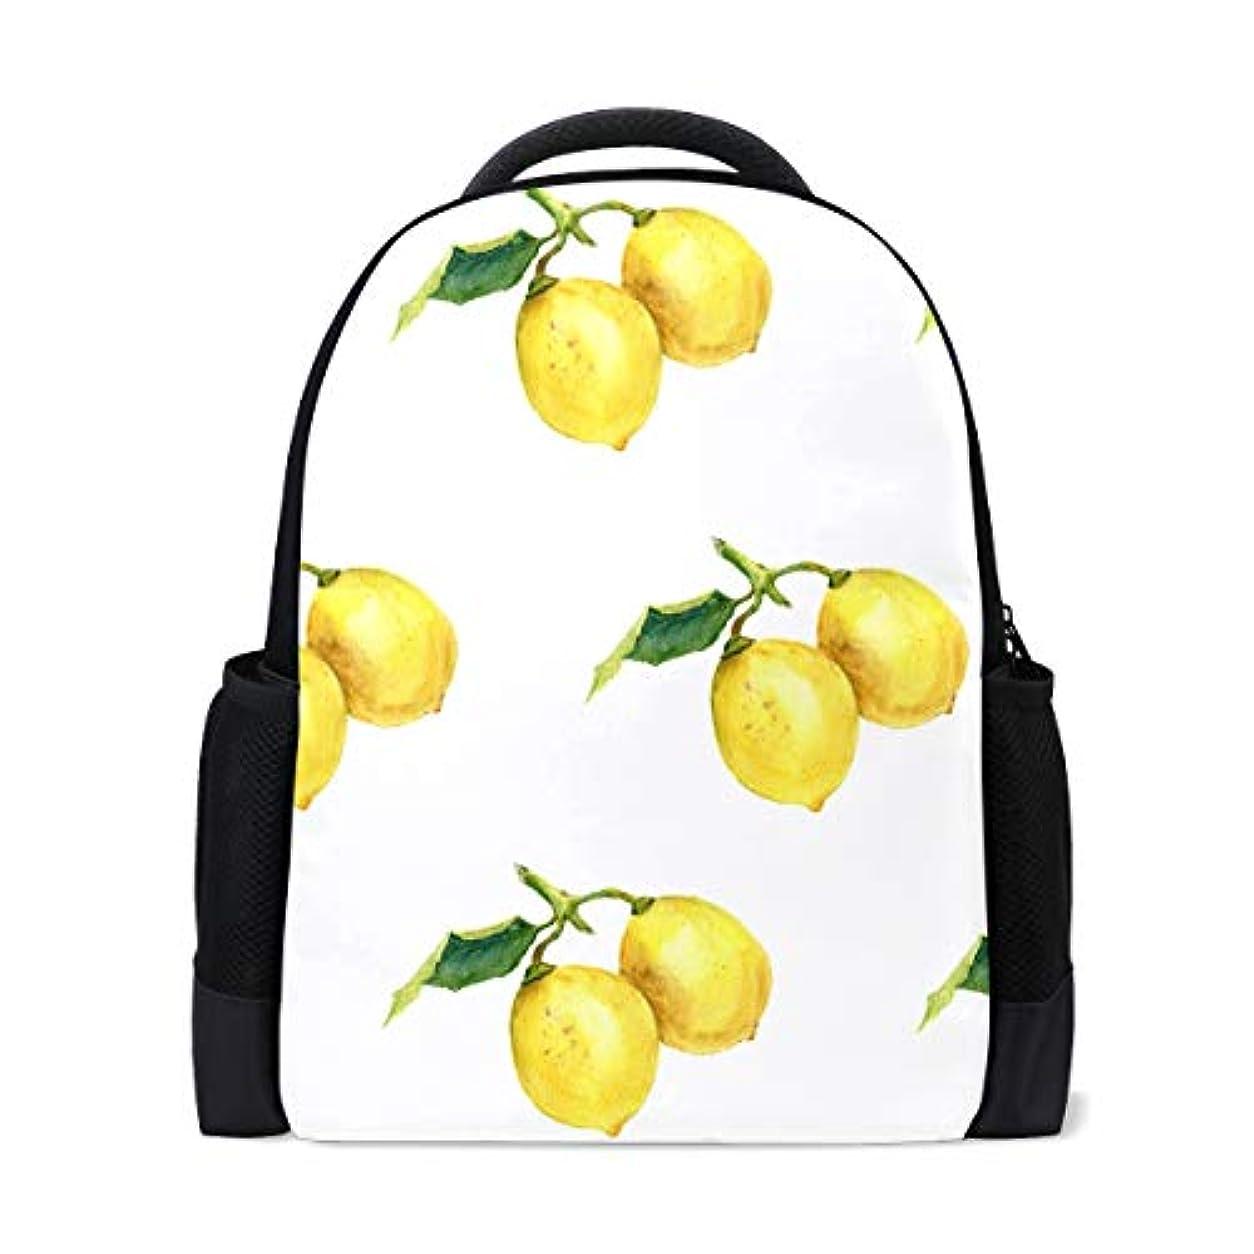 モールニュース奨励しますユキオ(UKIO) リュックサック バックパック PCバック ビジネスリュック おしゃれ 大容量 防水 軽量 レモン柄 黄色 シンプル修学旅行 遠足 登山 アウトドア デイパック 子供 通学